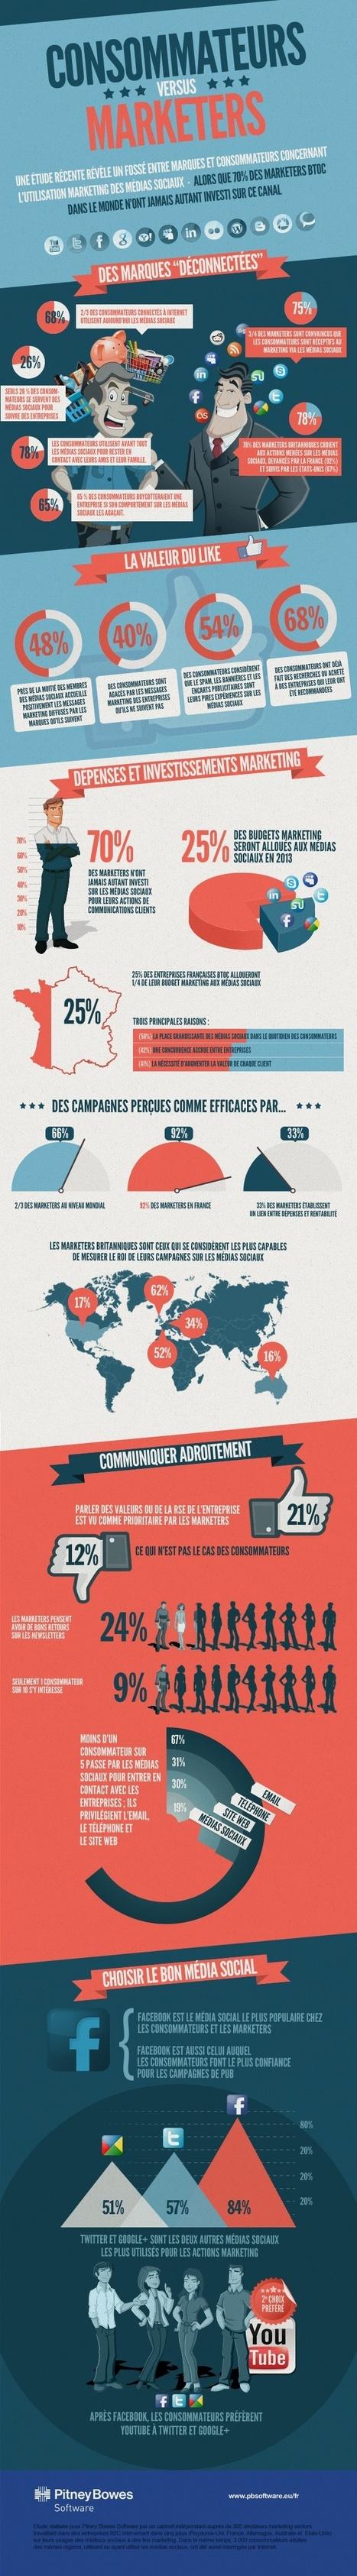 Les activités marketing manquent d'efficacité sur les médias sociaux | L'actu du Web Marketing | Scoop.it